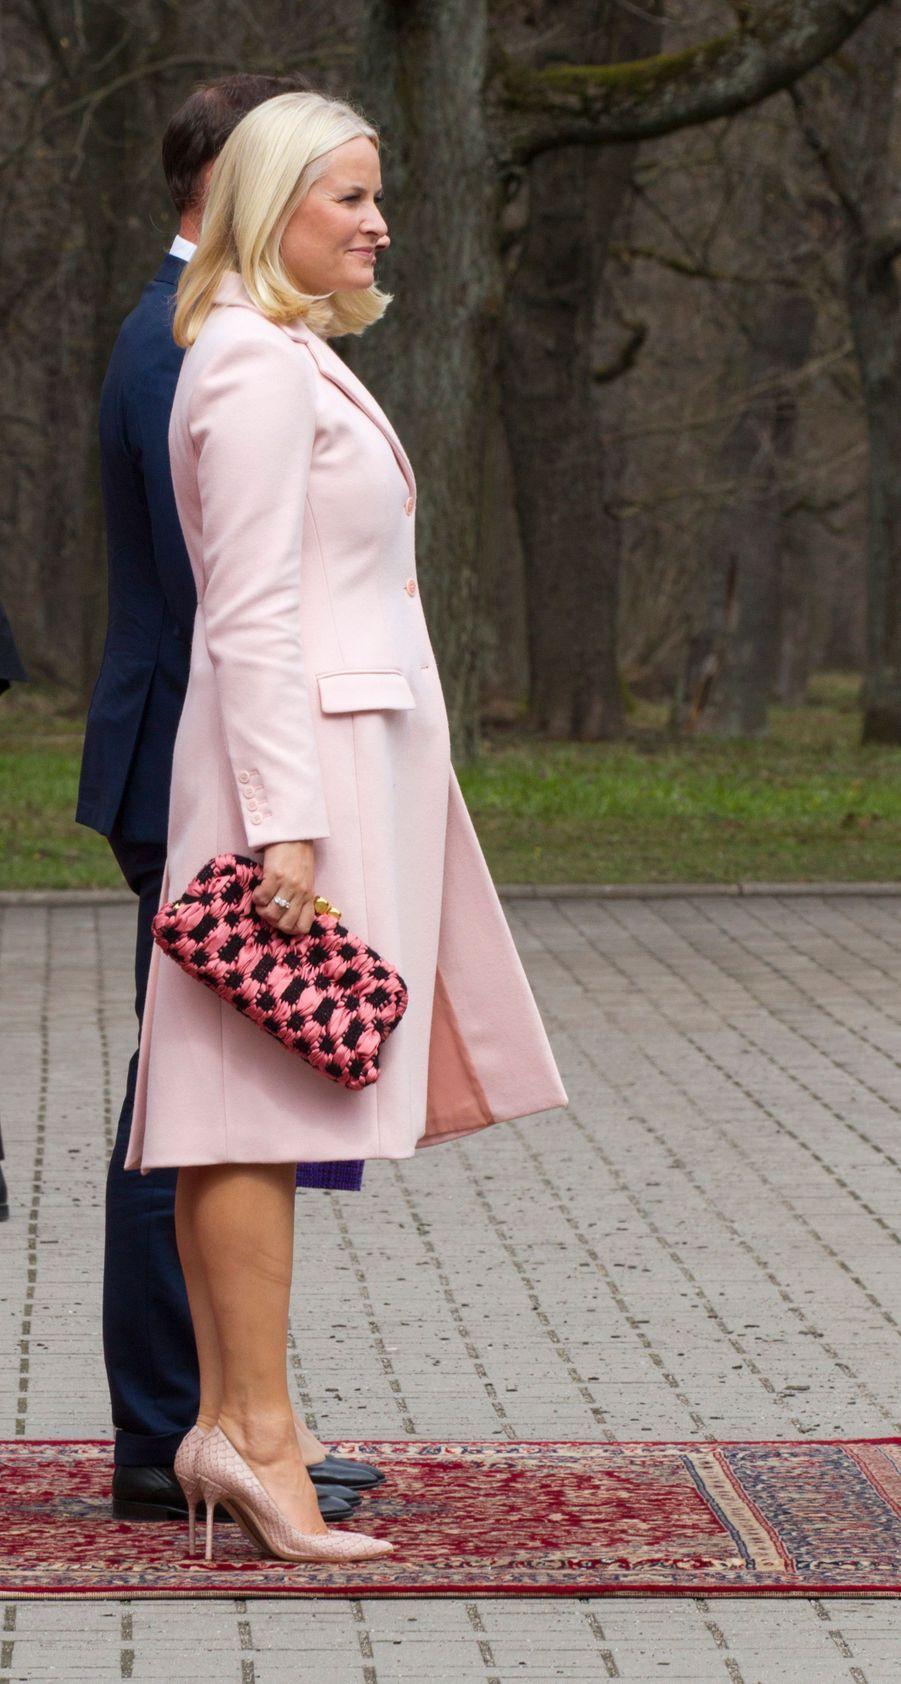 La princesse Mette-Marit de Norvège, le 25 avril 2018 à Tallinn